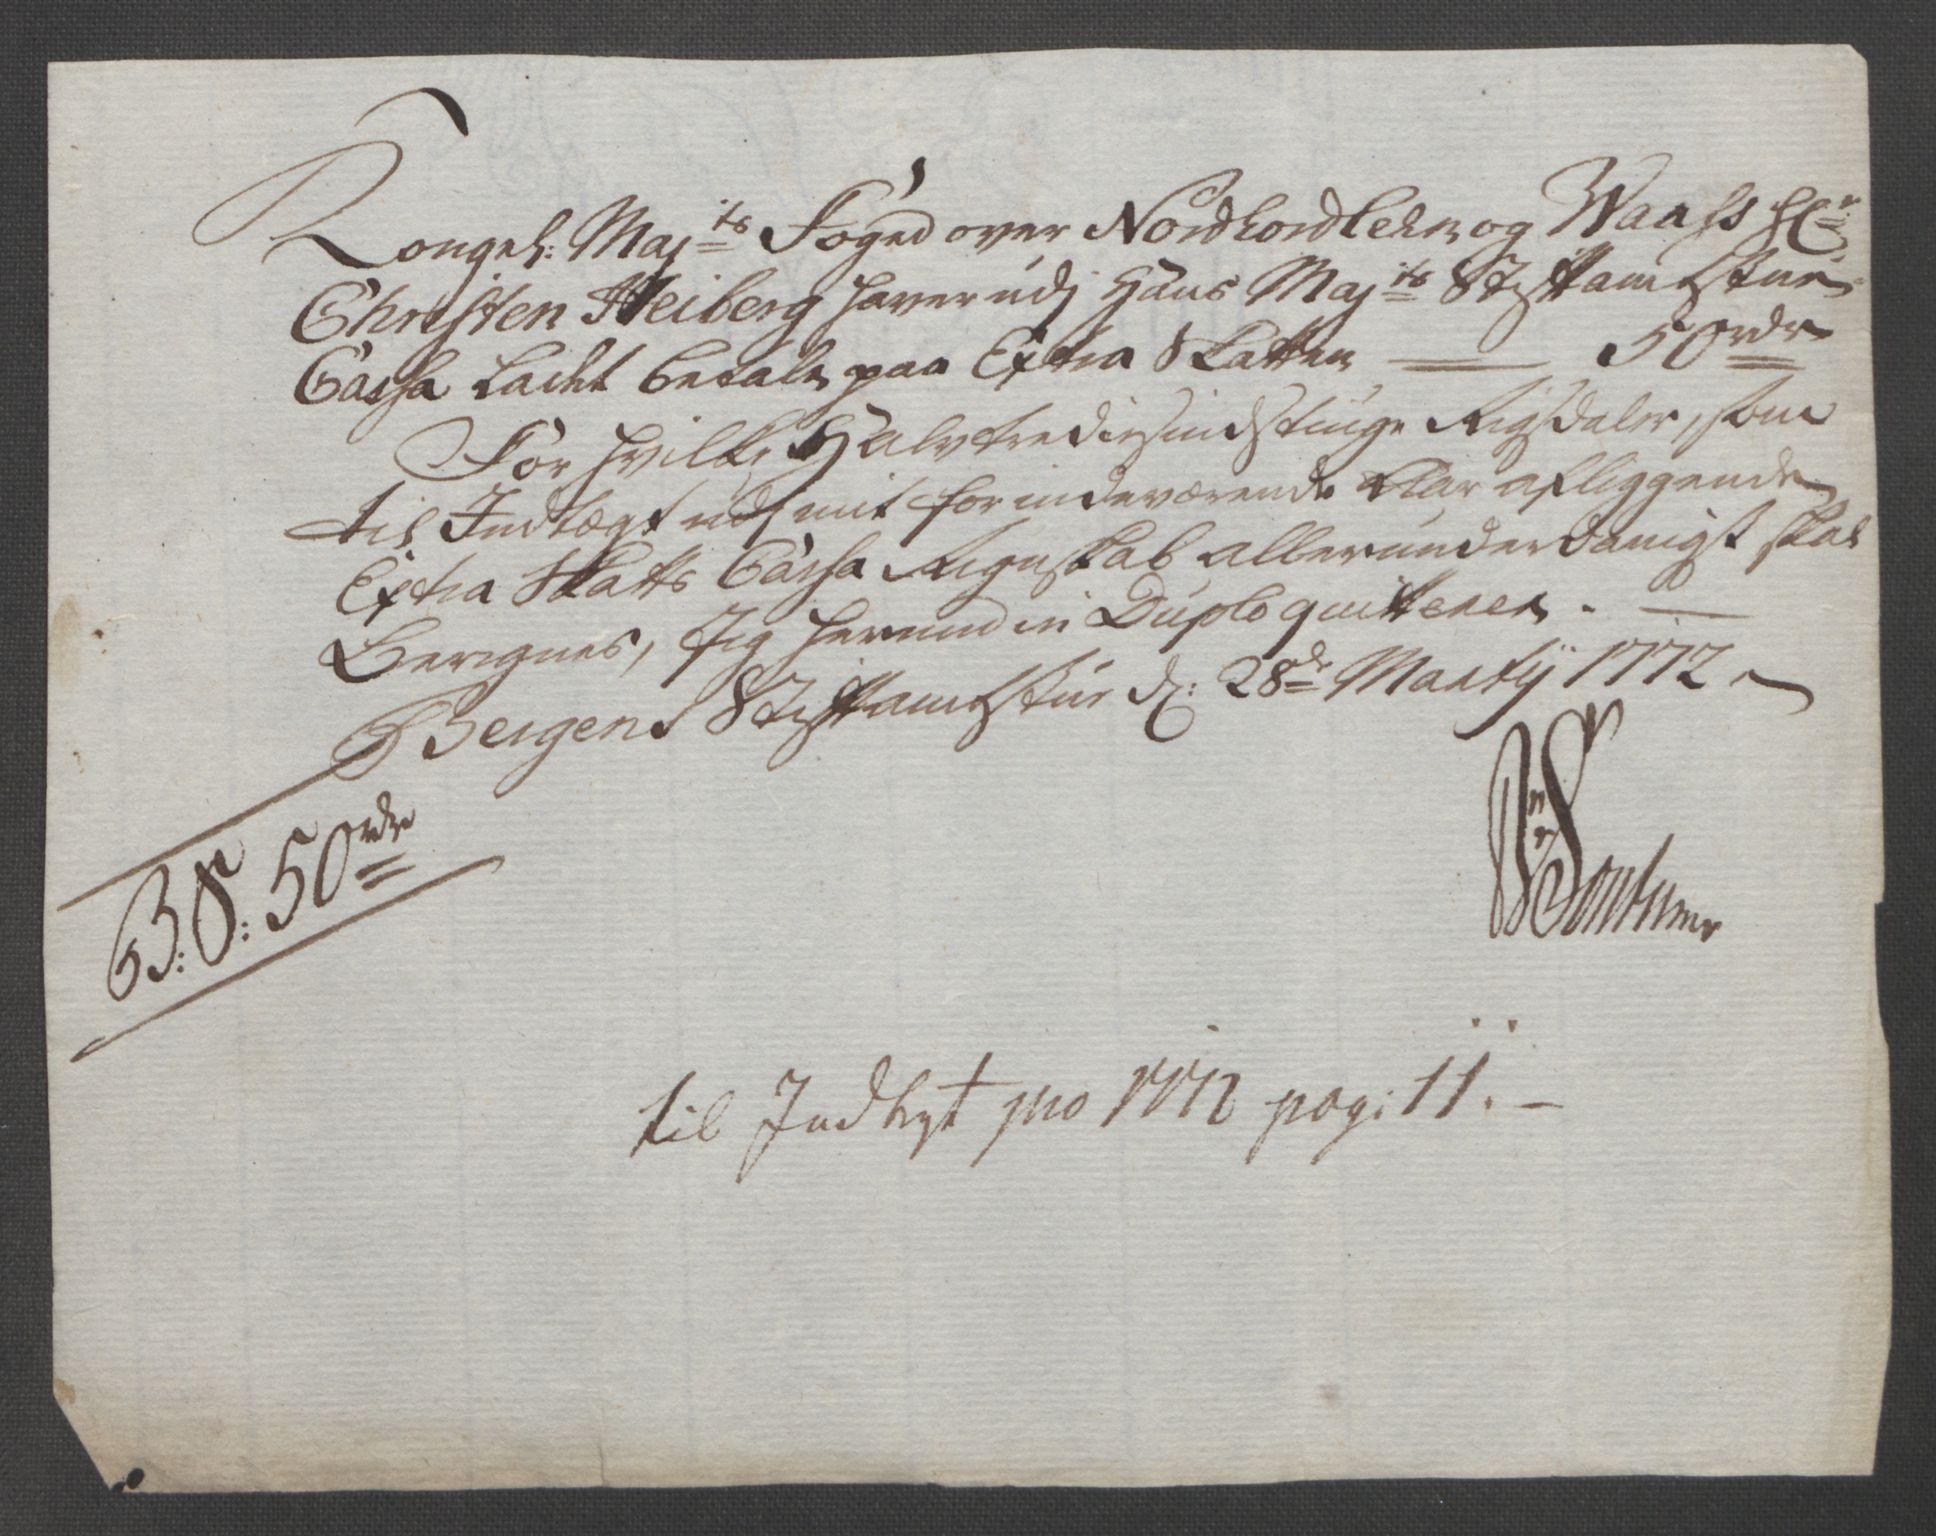 RA, Rentekammeret inntil 1814, Reviderte regnskaper, Fogderegnskap, R51/L3303: Ekstraskatten Nordhordland og Voss, 1762-1772, s. 678